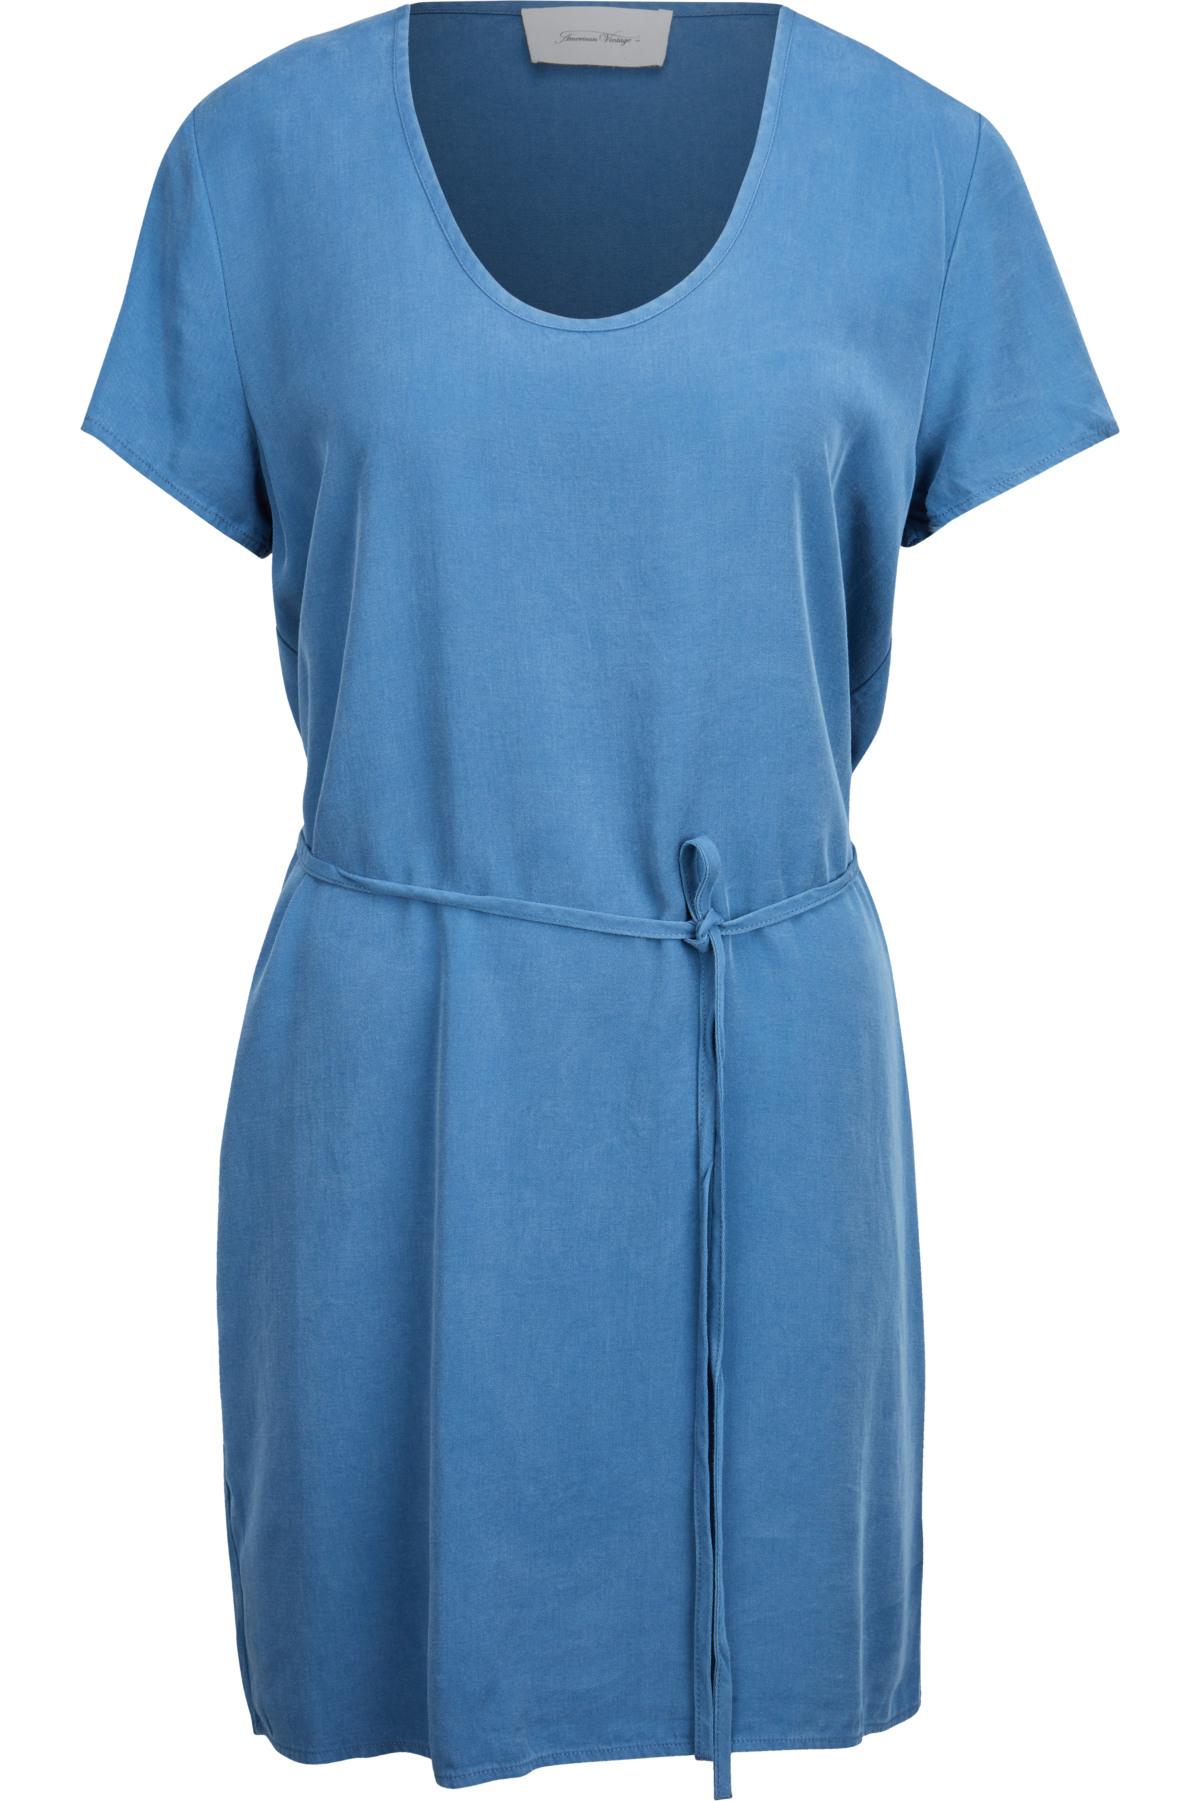 American Vintage Minikleid Aus Lyocell In Blau 432388